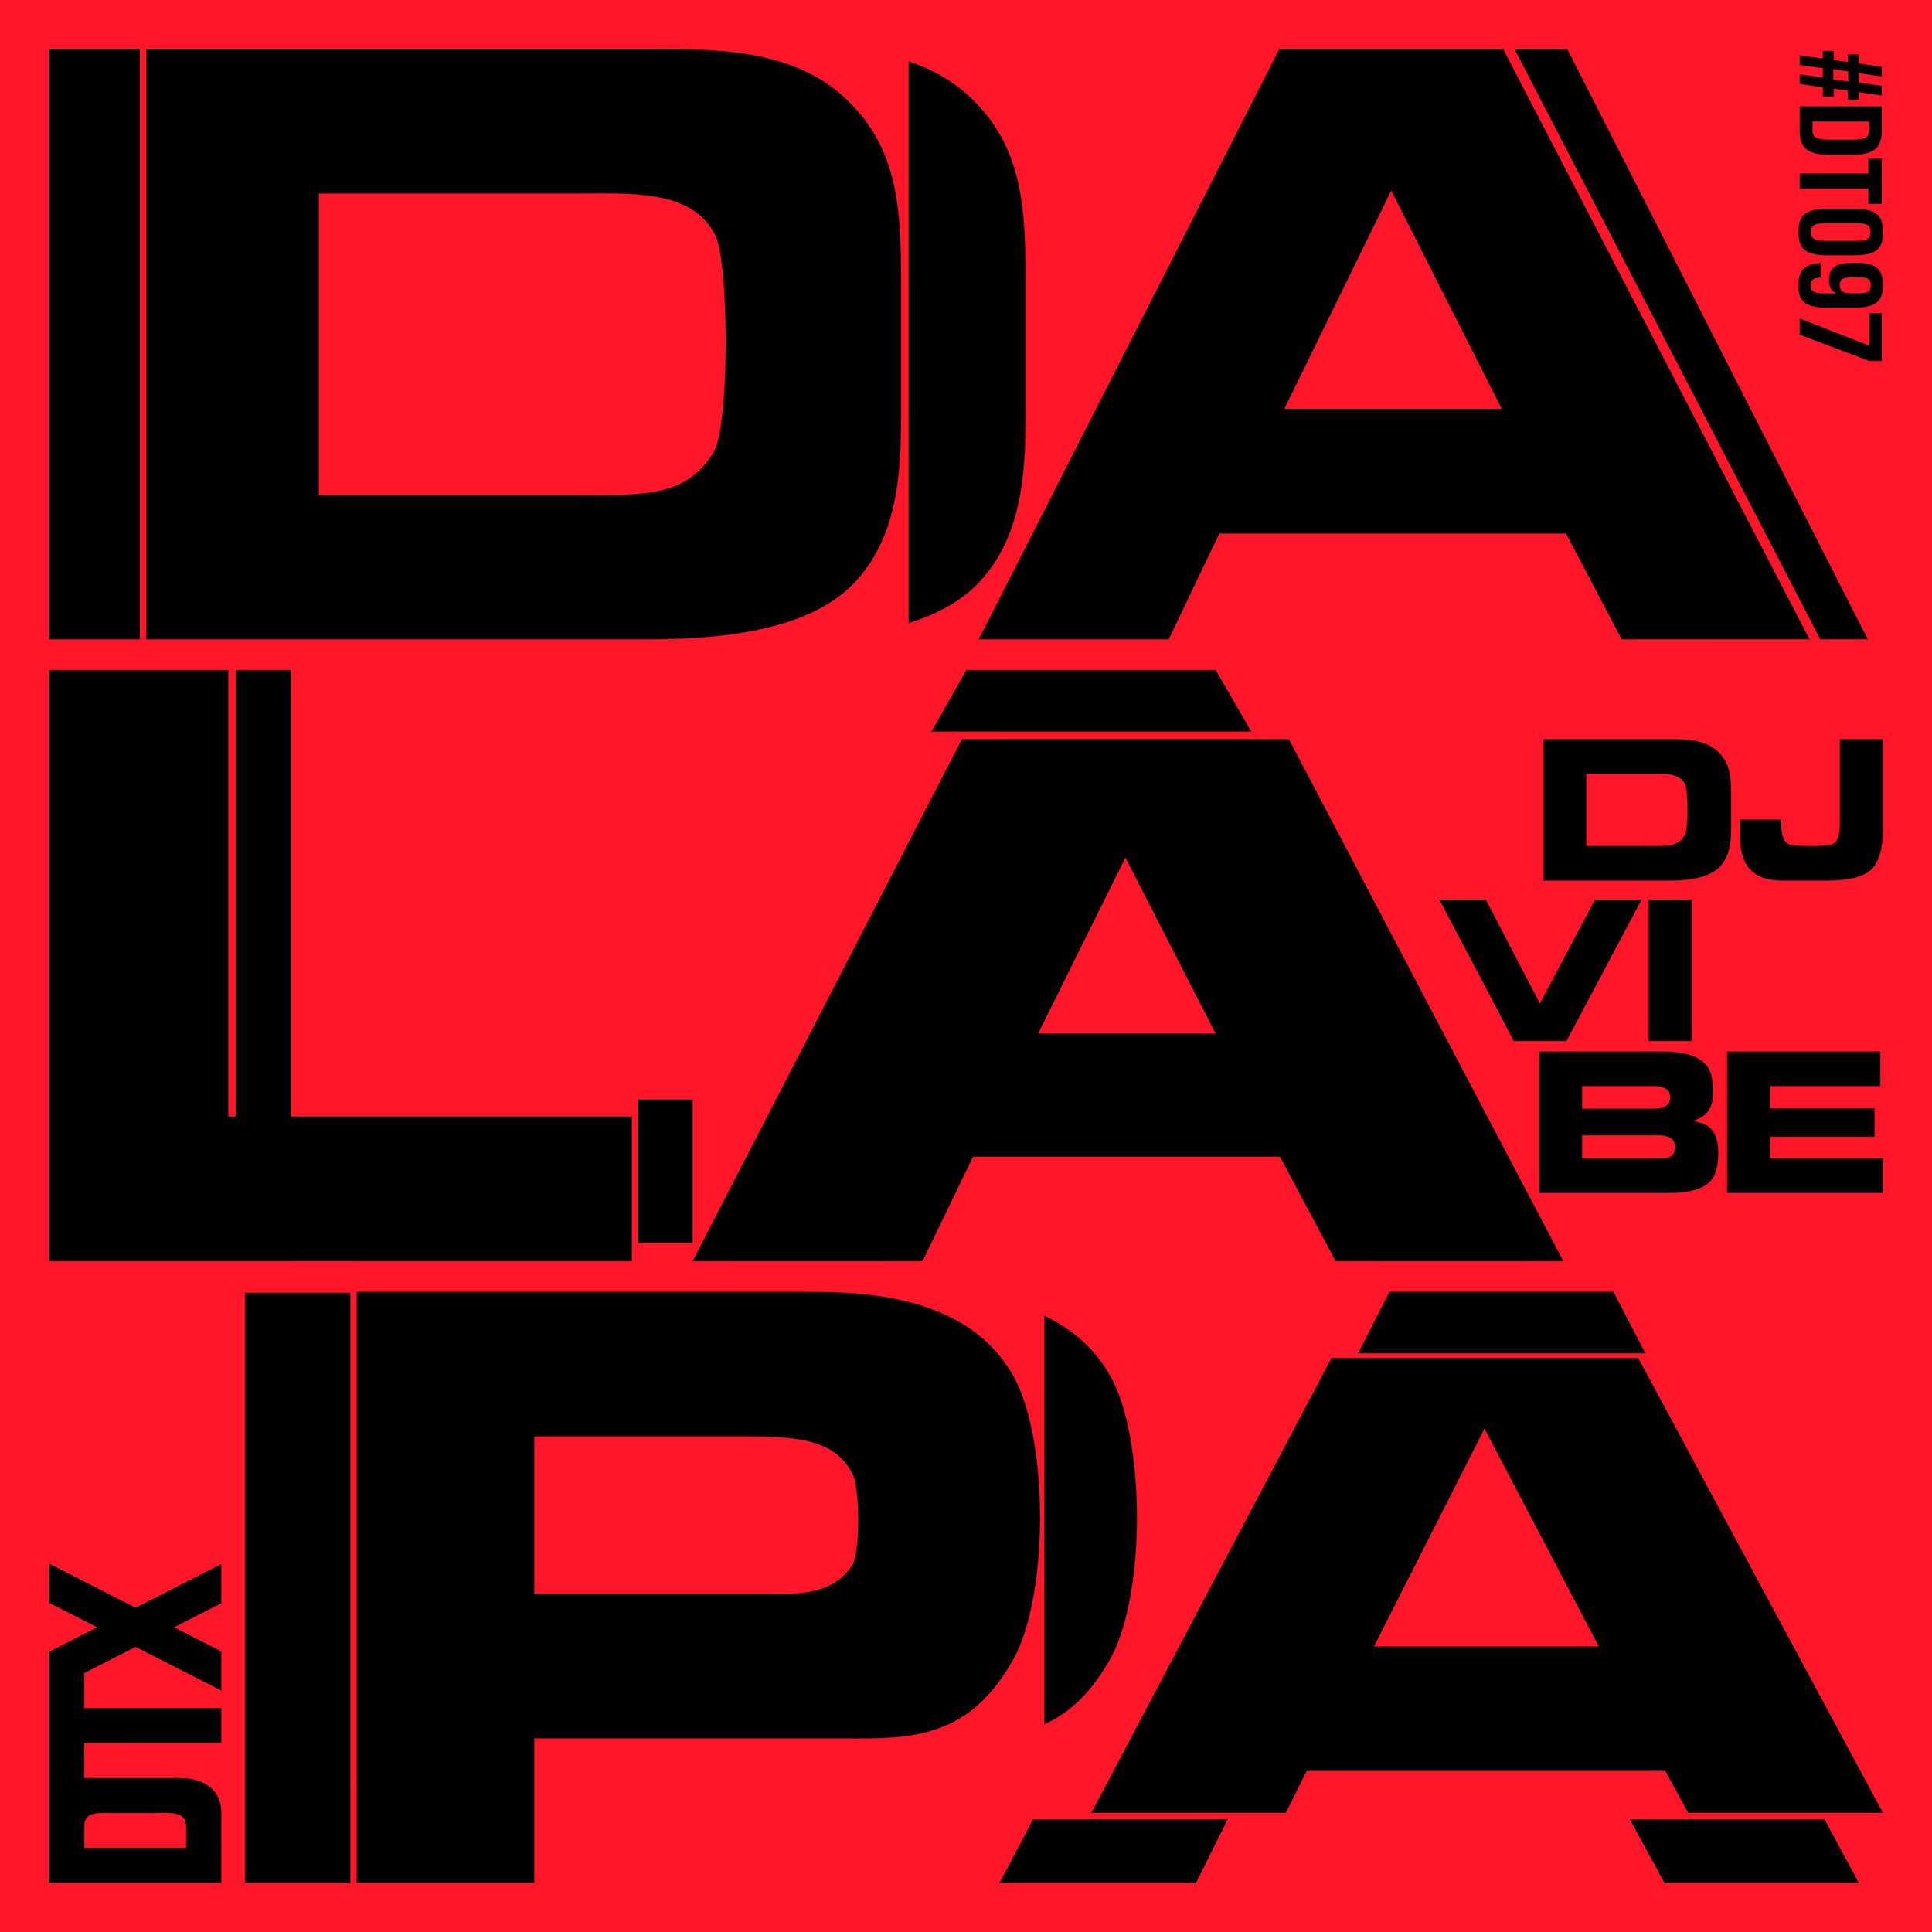 DT097: DJ Vibe - Da Lapa